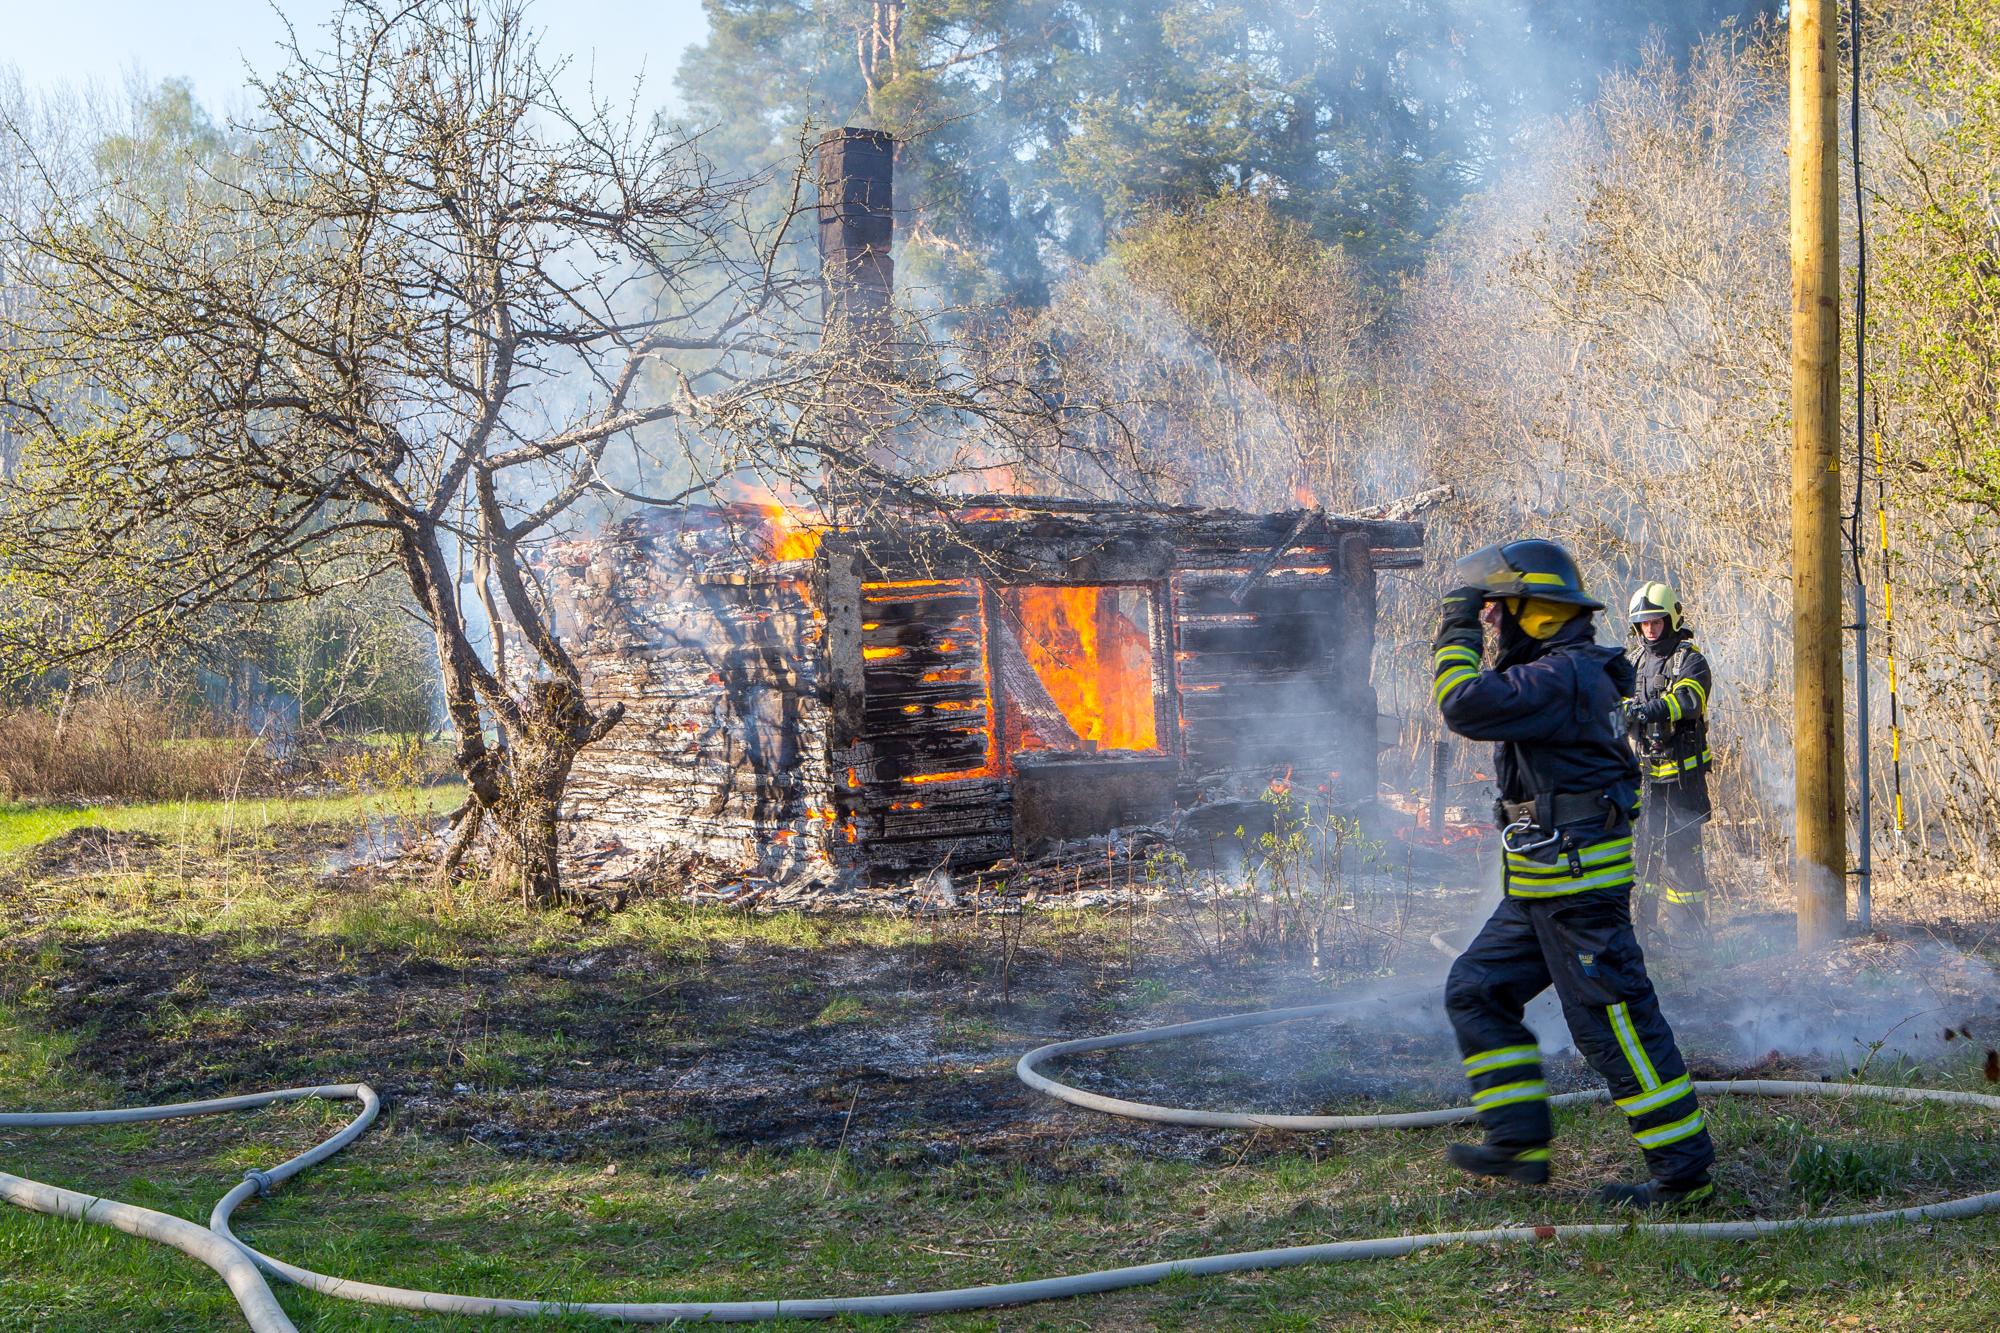 """Pühapäeval kell 17.45 teatati Häirekeskusele tulekahjust Pihtla vallas, Reo külas. Teataja sõnul põles ühekordne saunamaja. Päästjate saabudes oli hoone praktiliselt hävinud. """"Meie saabudes põles ühekordne saunamaja lausleegiga ja katus oli […]"""